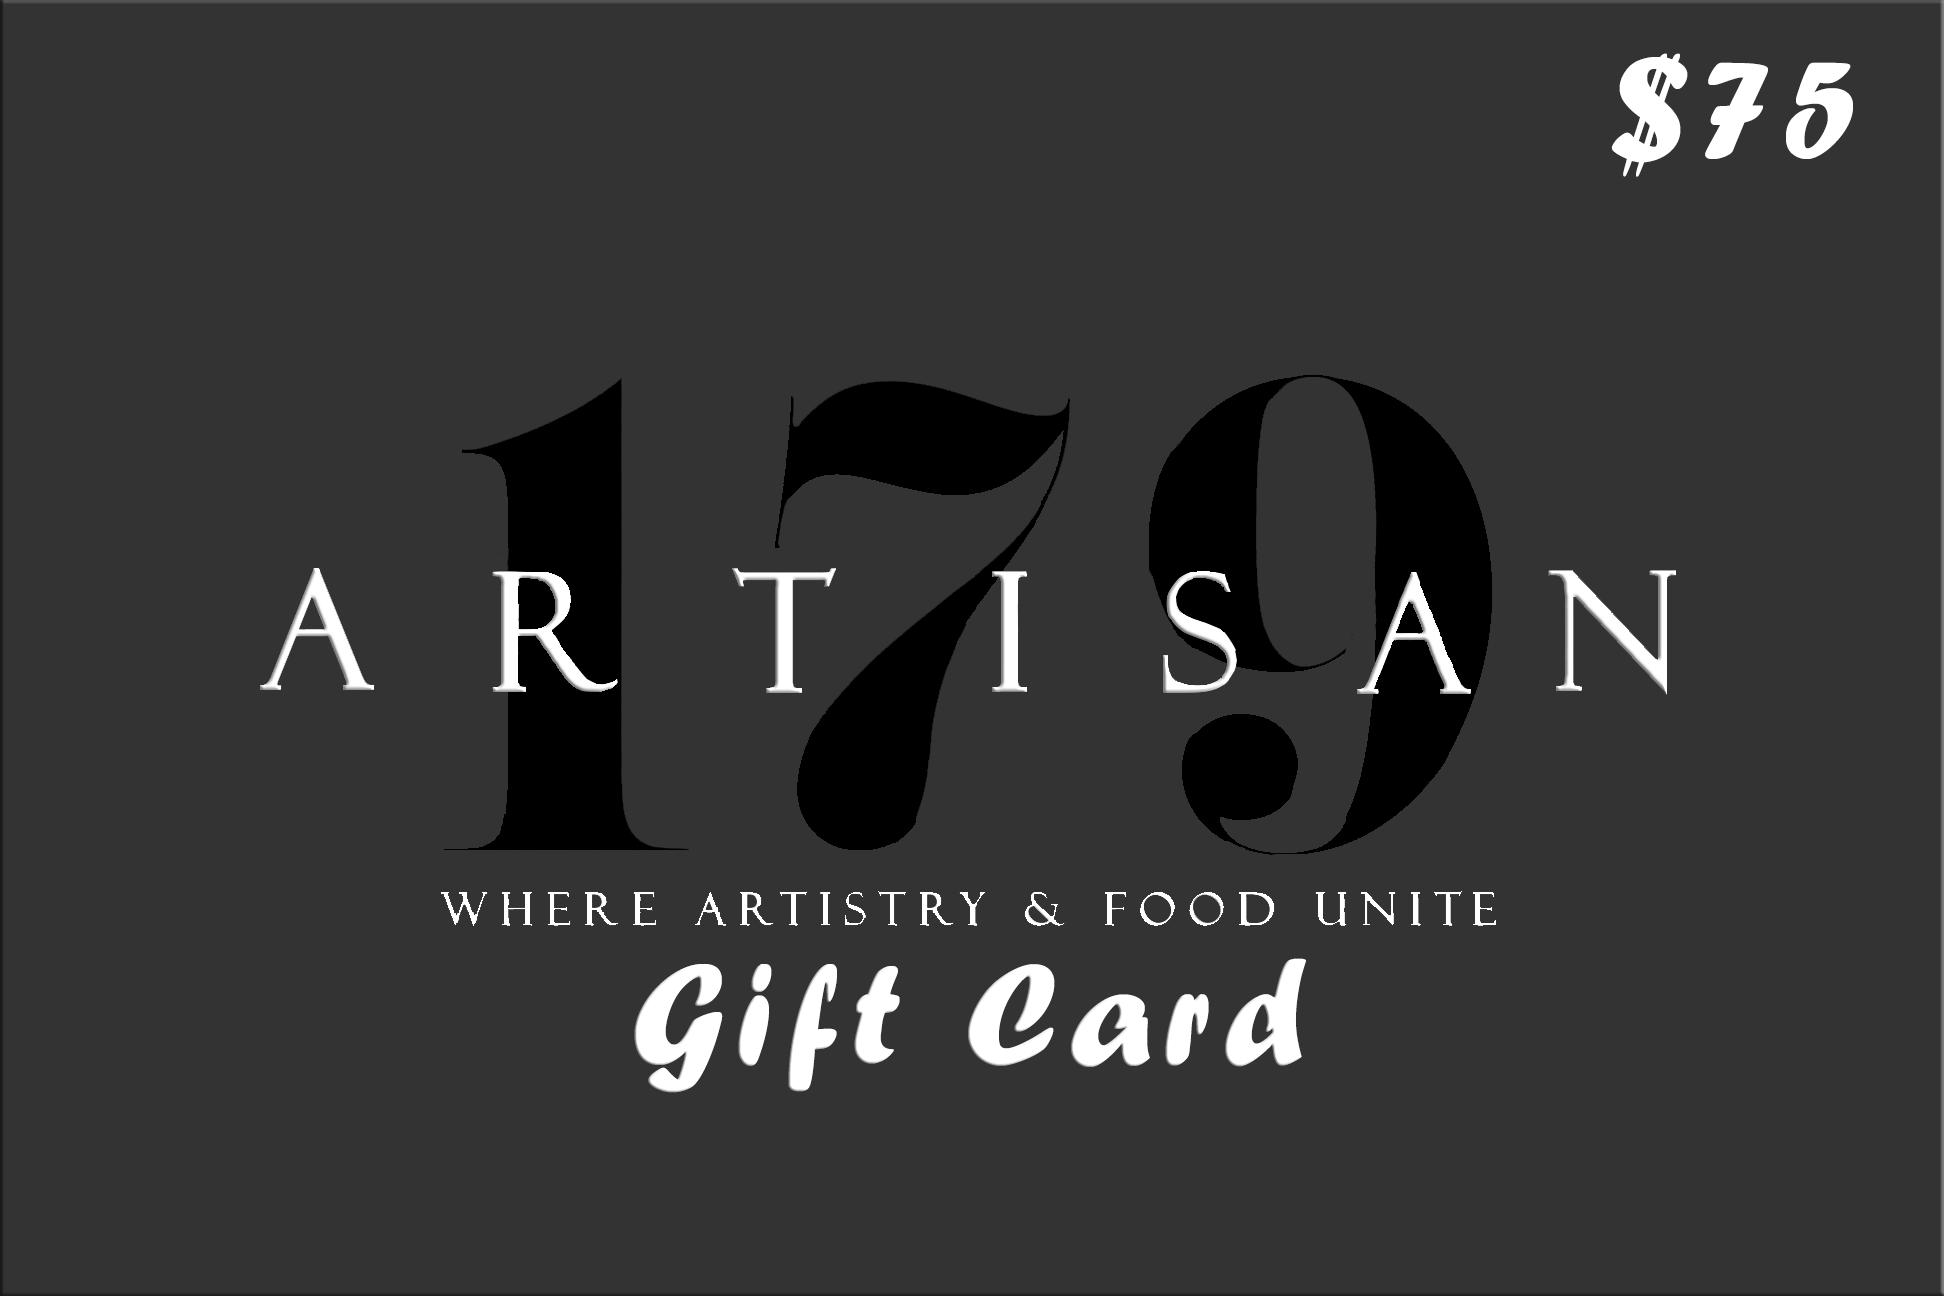 Artisan 179 Gift Card $75